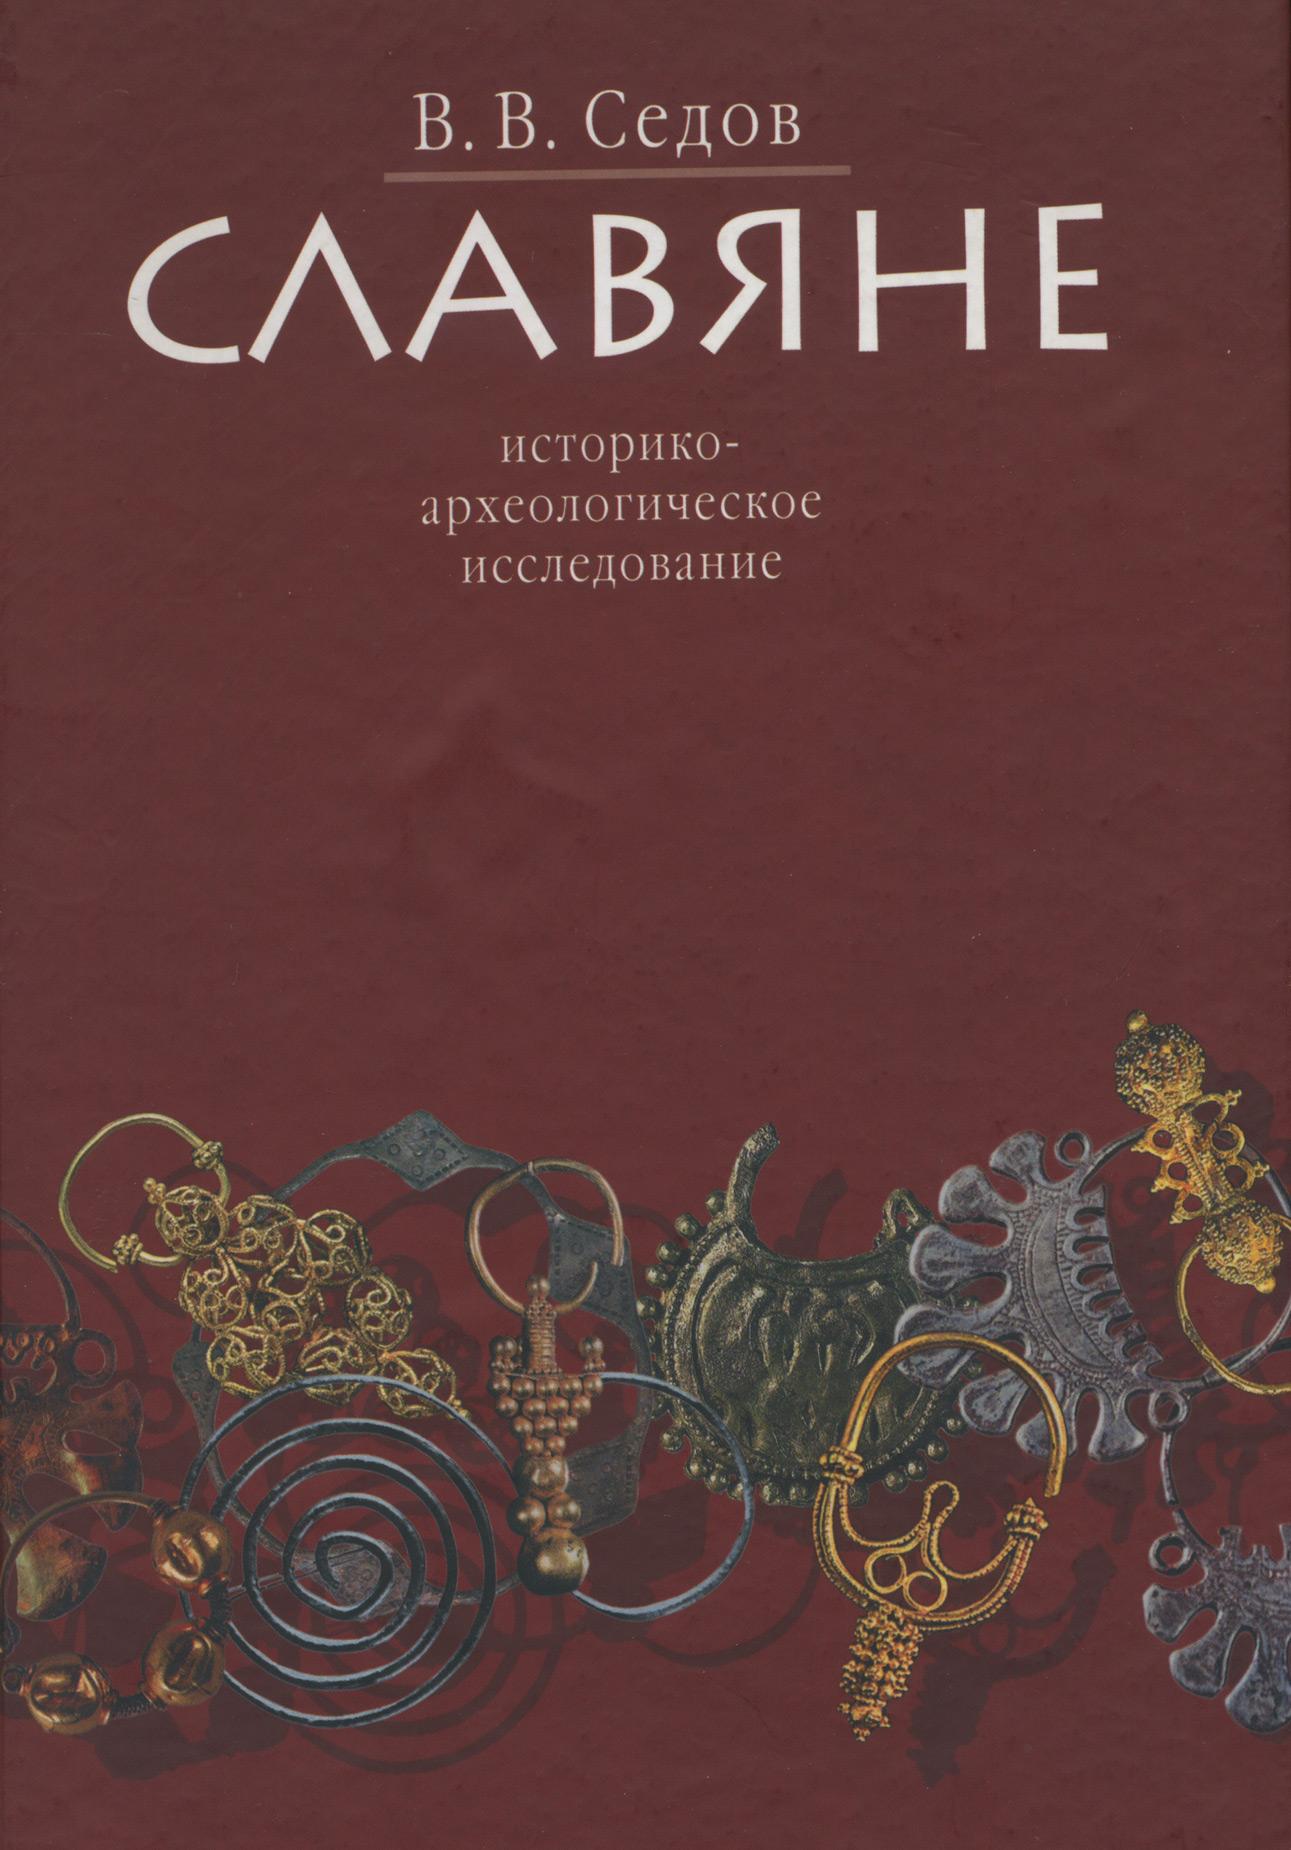 Славяне. Историко-археологическое исследование